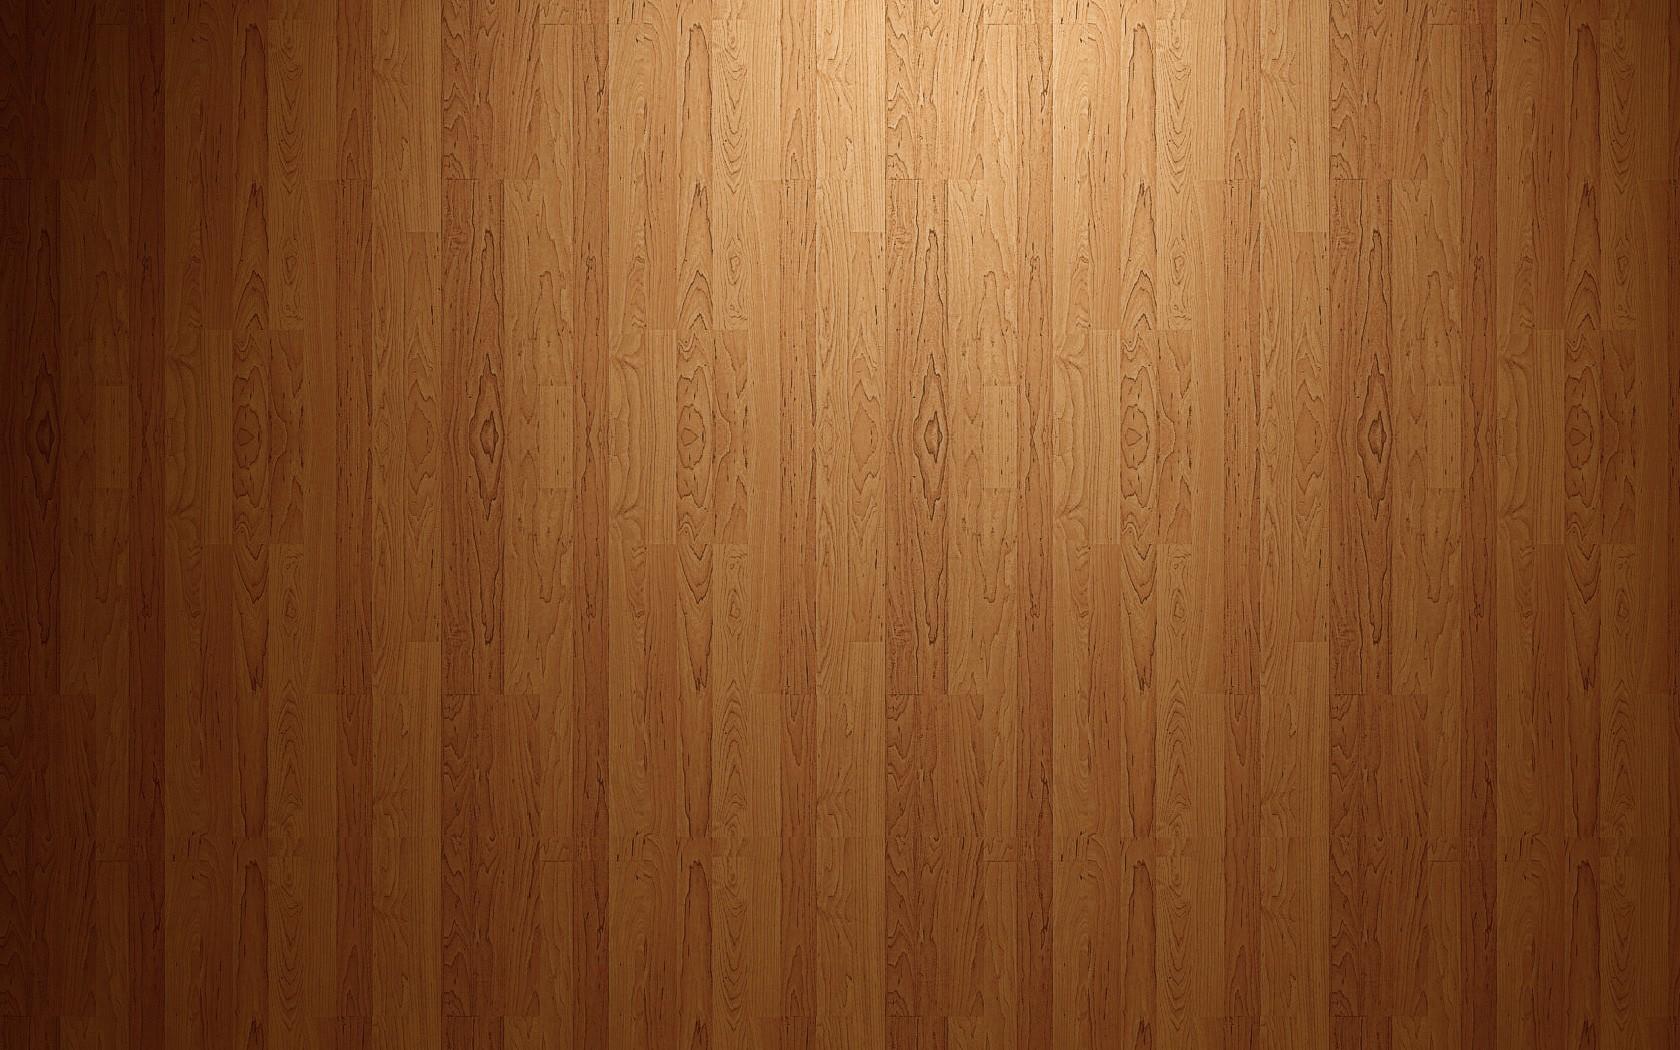 Holz Textur Stock Hartholz Sperrholz Bodenbelag Holzboden Holzbeize  Laminatboden